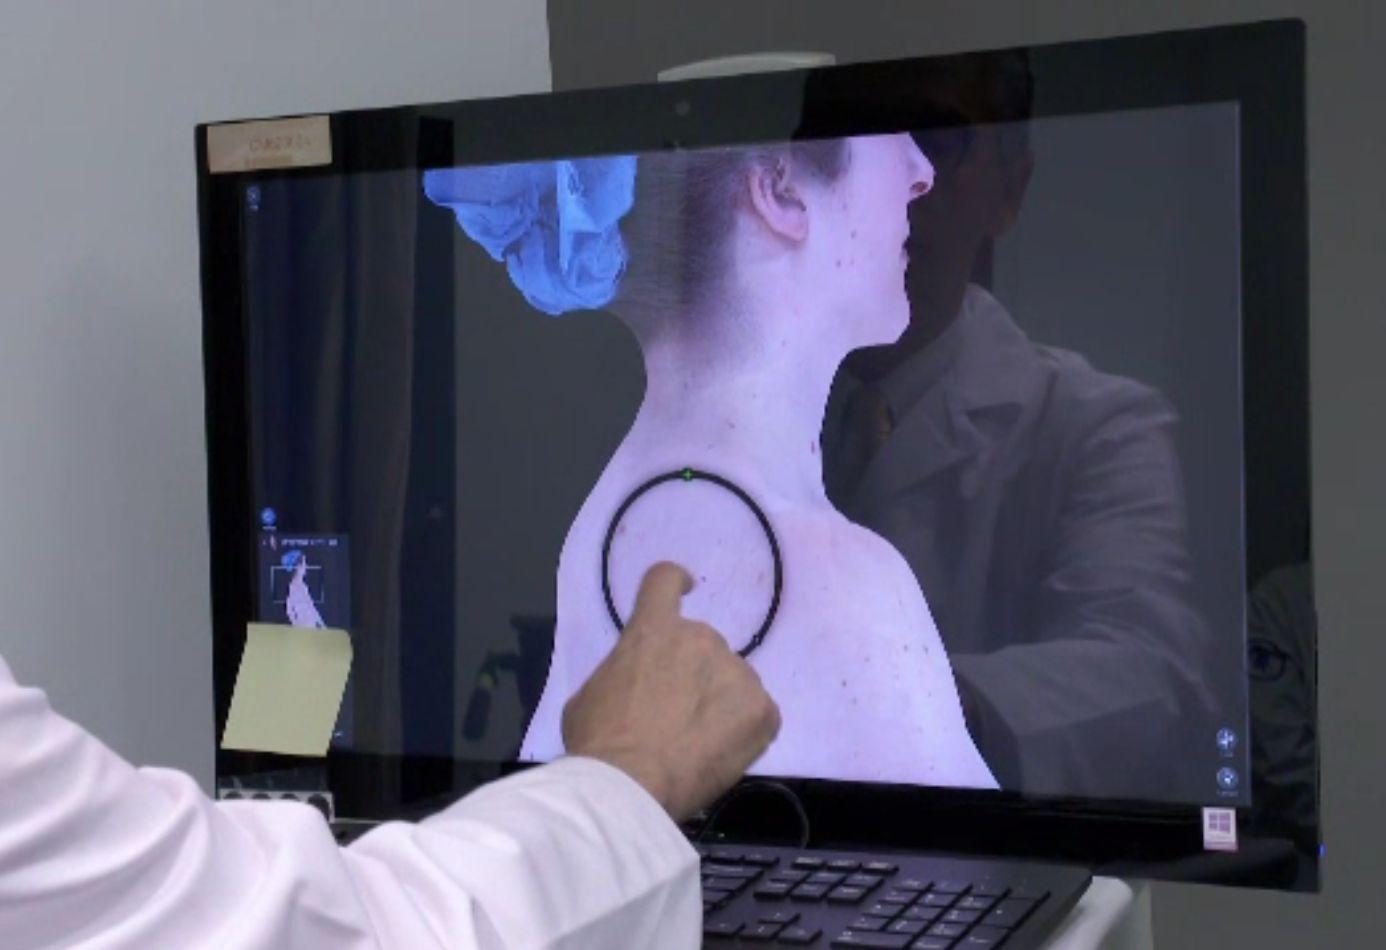 Cancerul de piele, depistat în câteva minute cu noile tehnologii. Înainte dura și patru ore